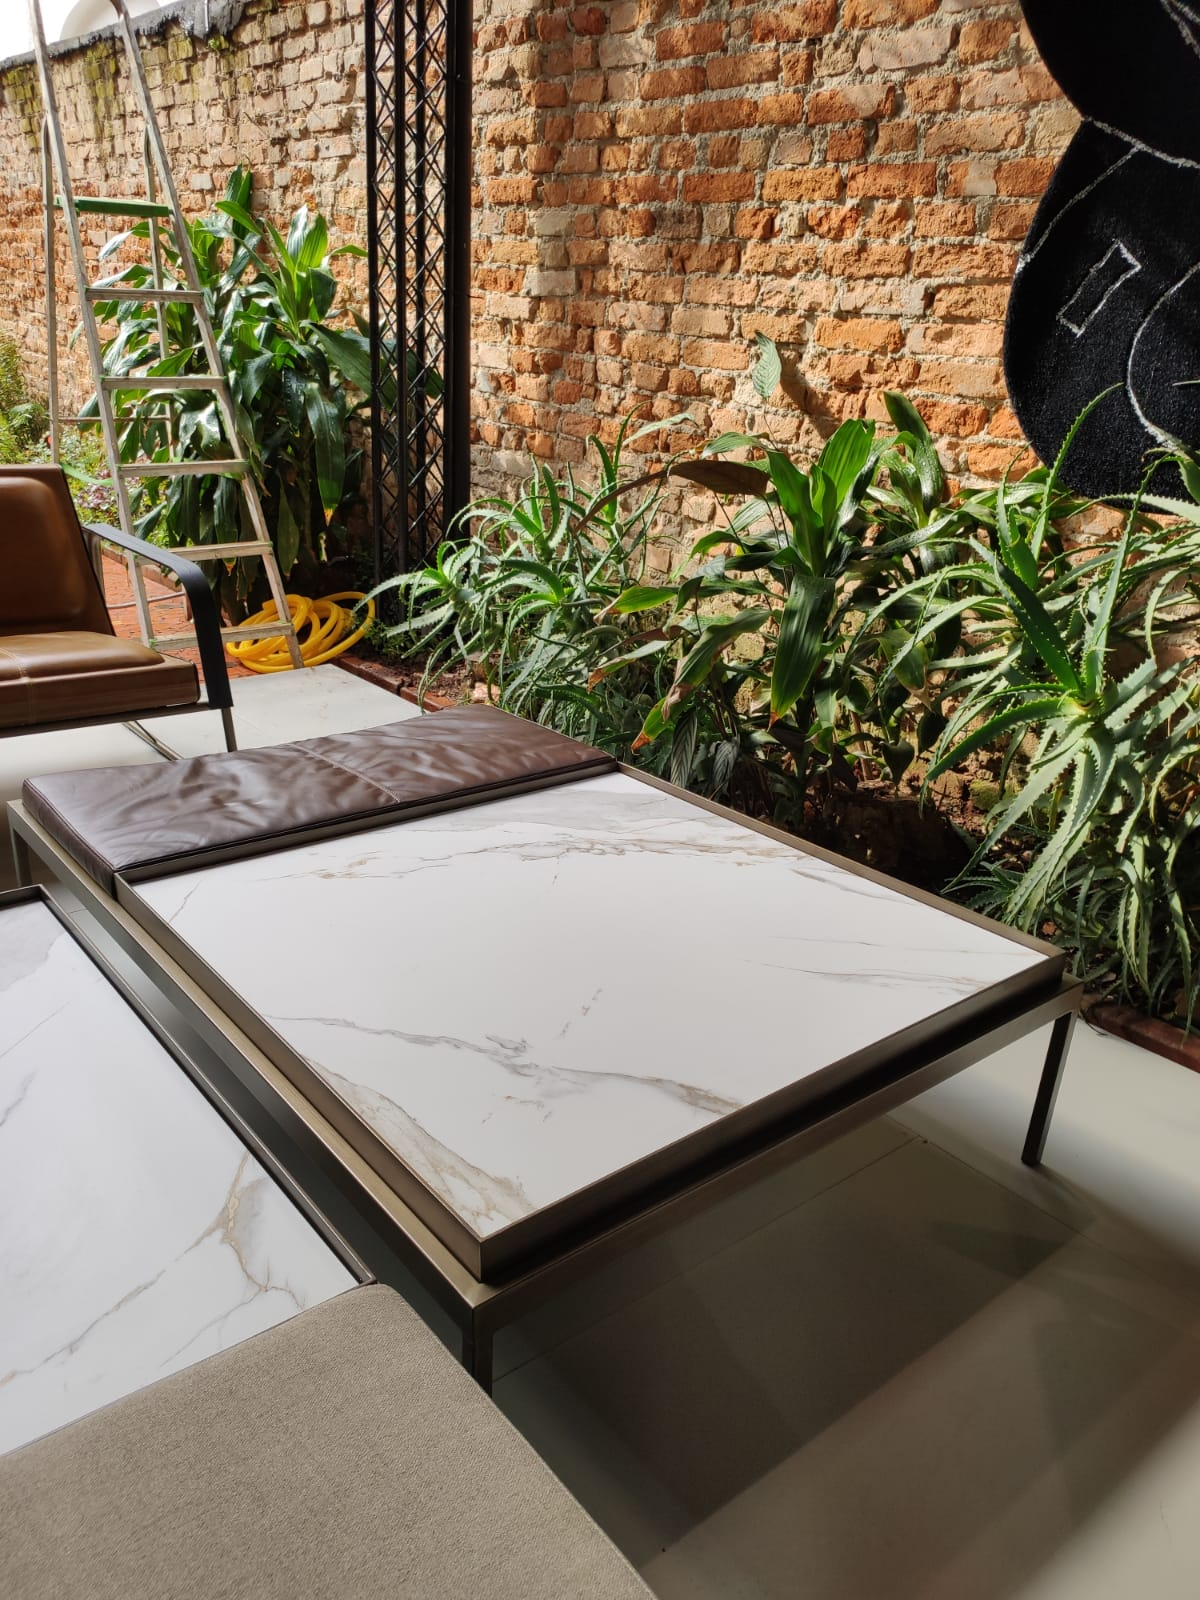 Mesa White com banquinho e superfície de cerâmica.